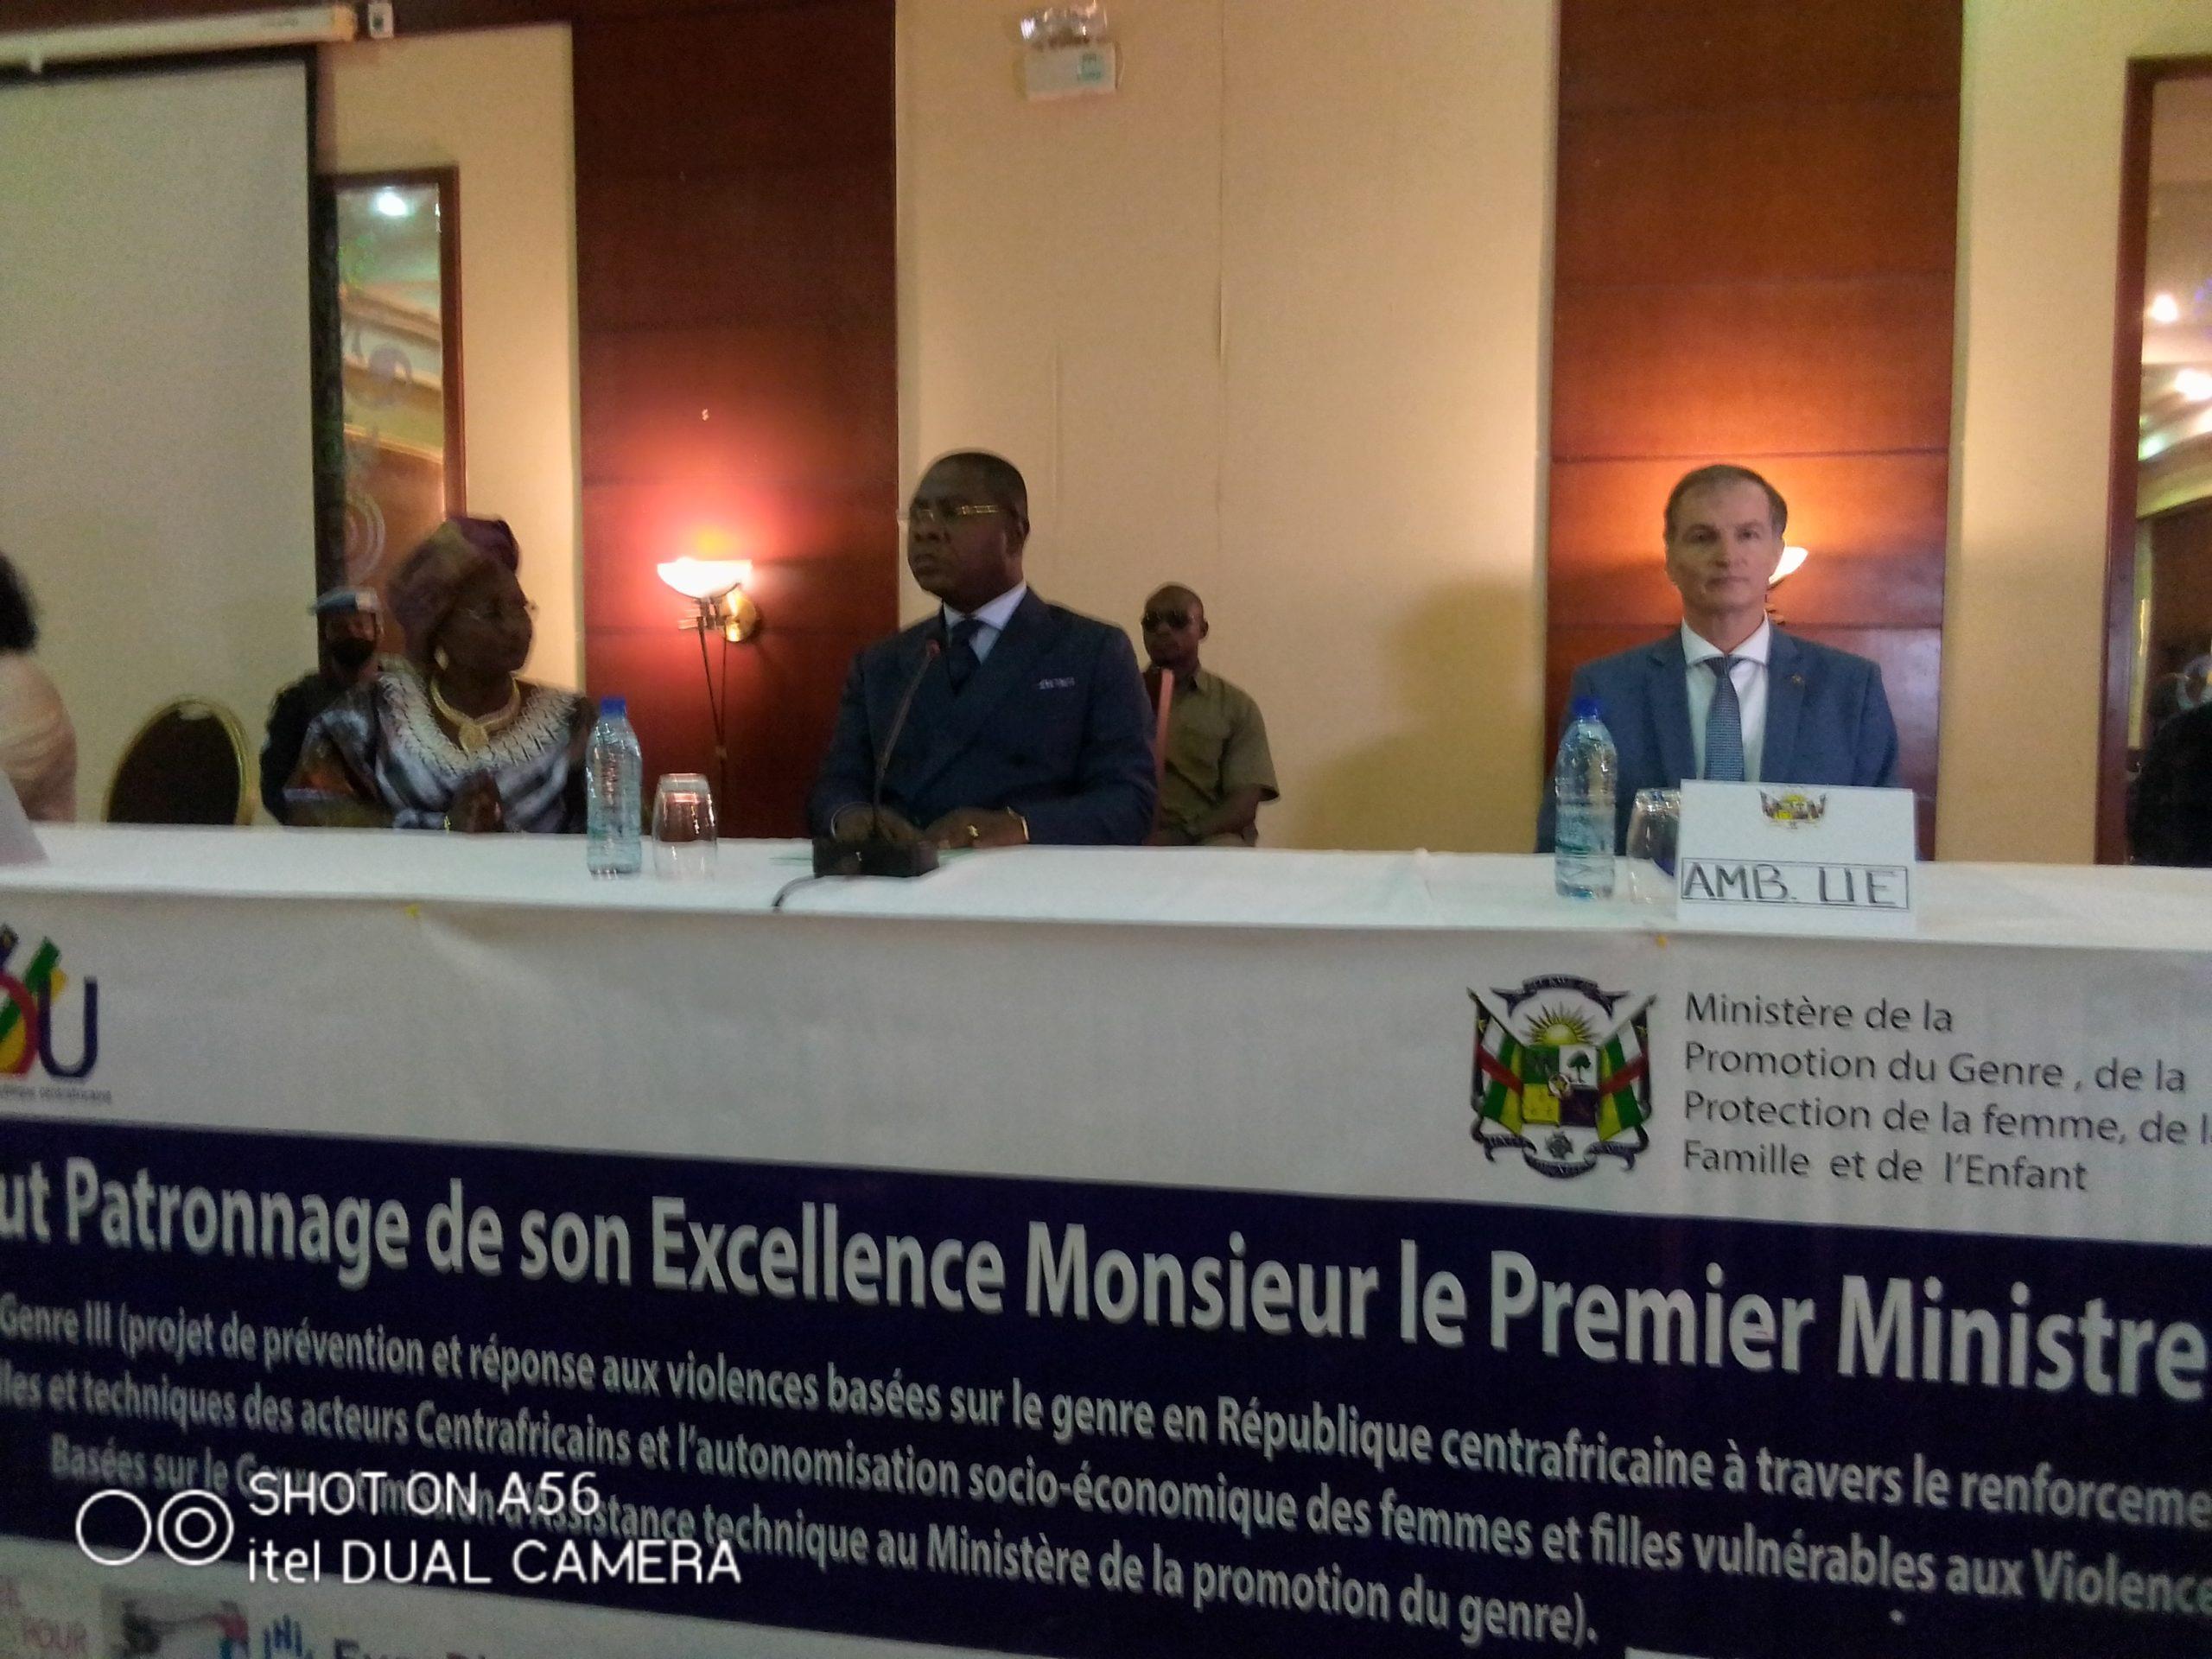 Centrafrique : L'UE soutient le Gouvernement dans la lutte contre les violences basées sur le genre